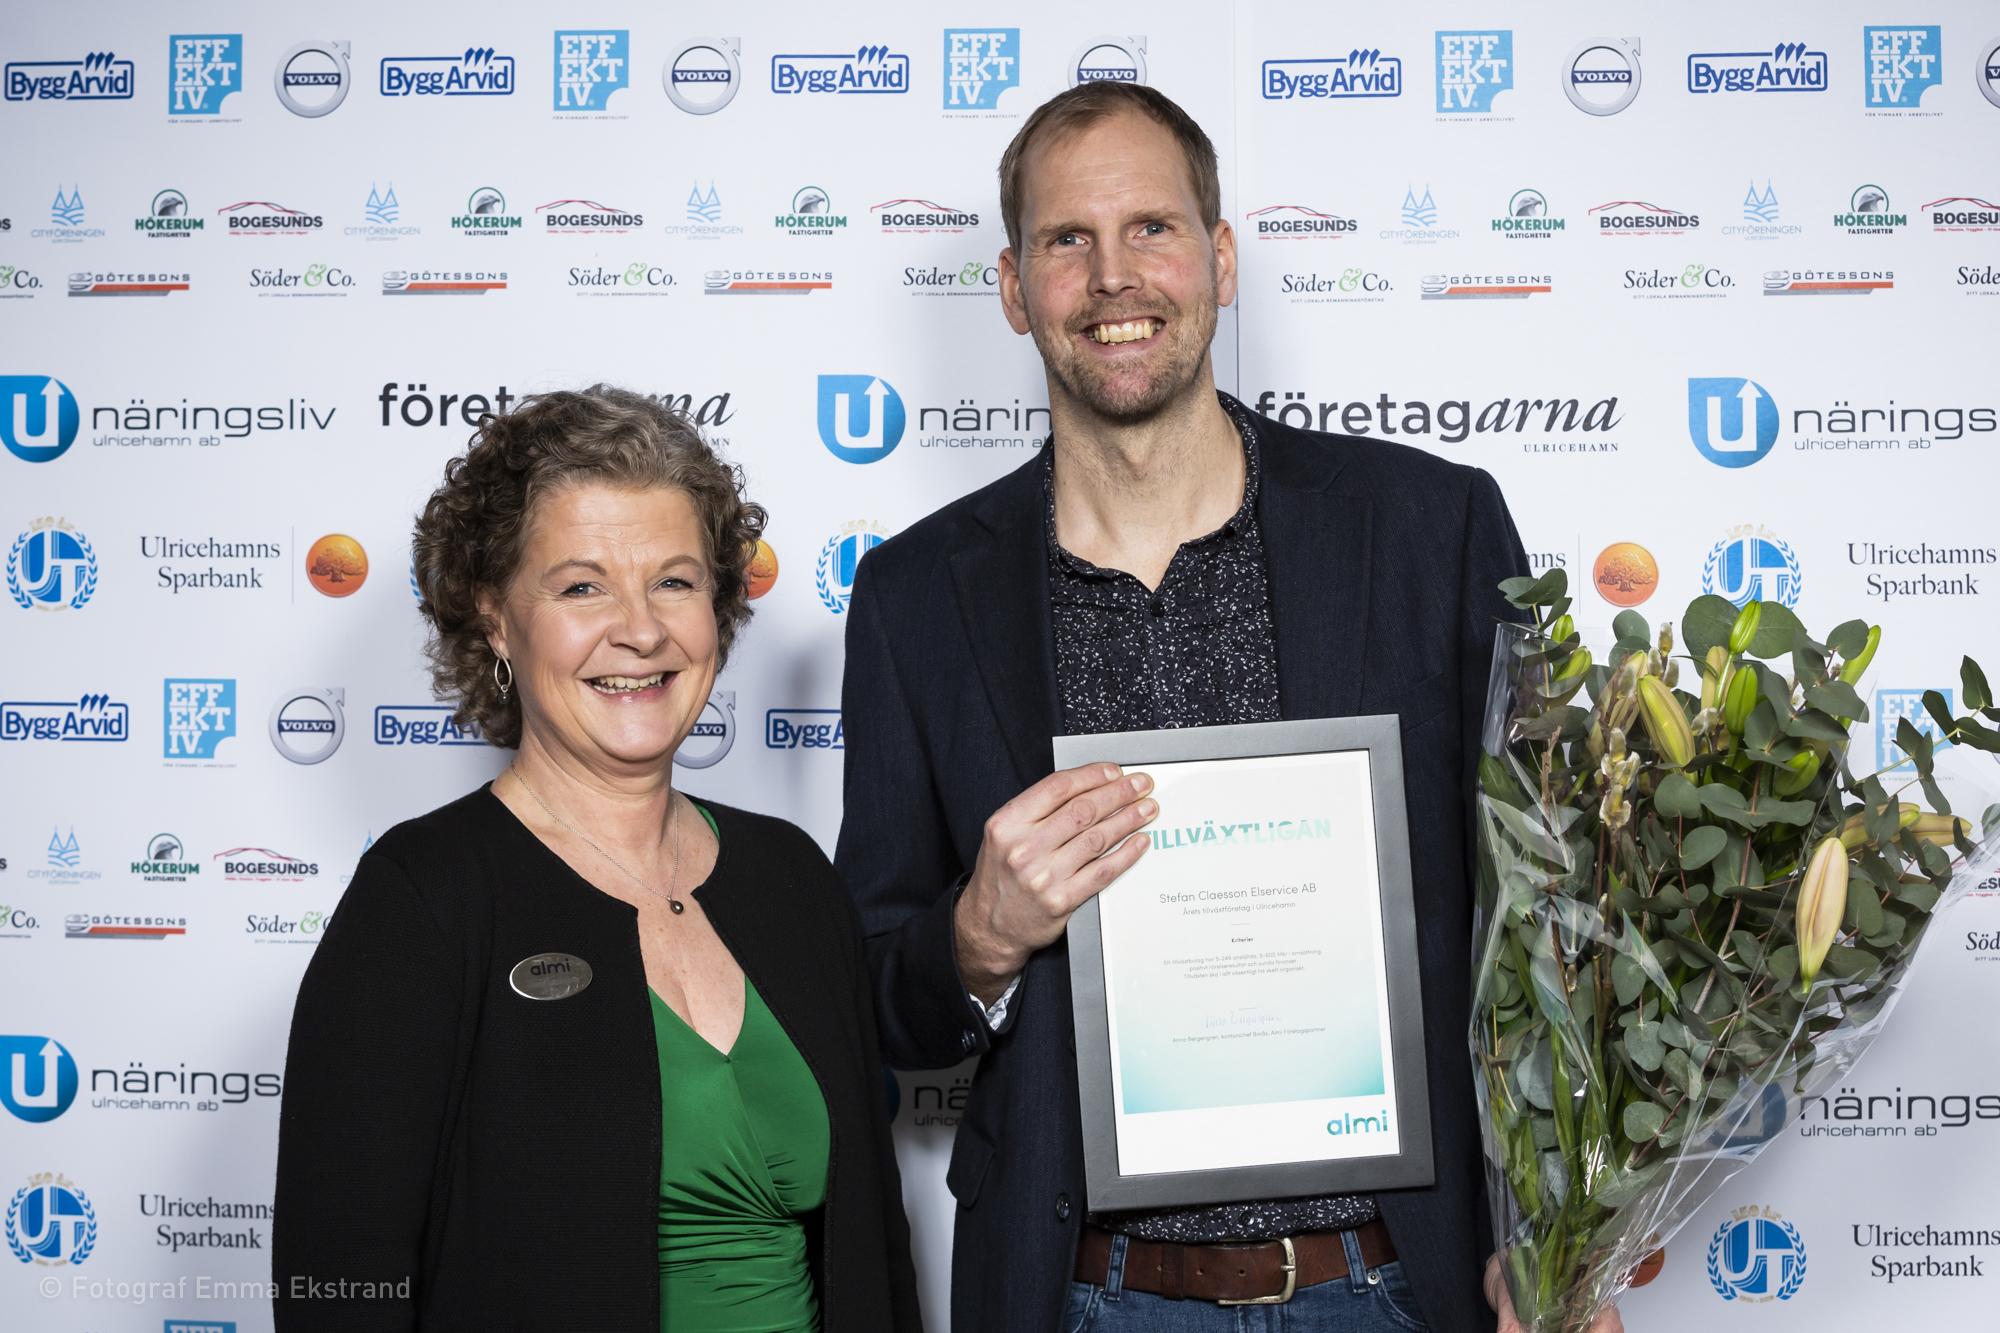 Årets Tillväxtföretag - Stefan Claesson Elservice AB